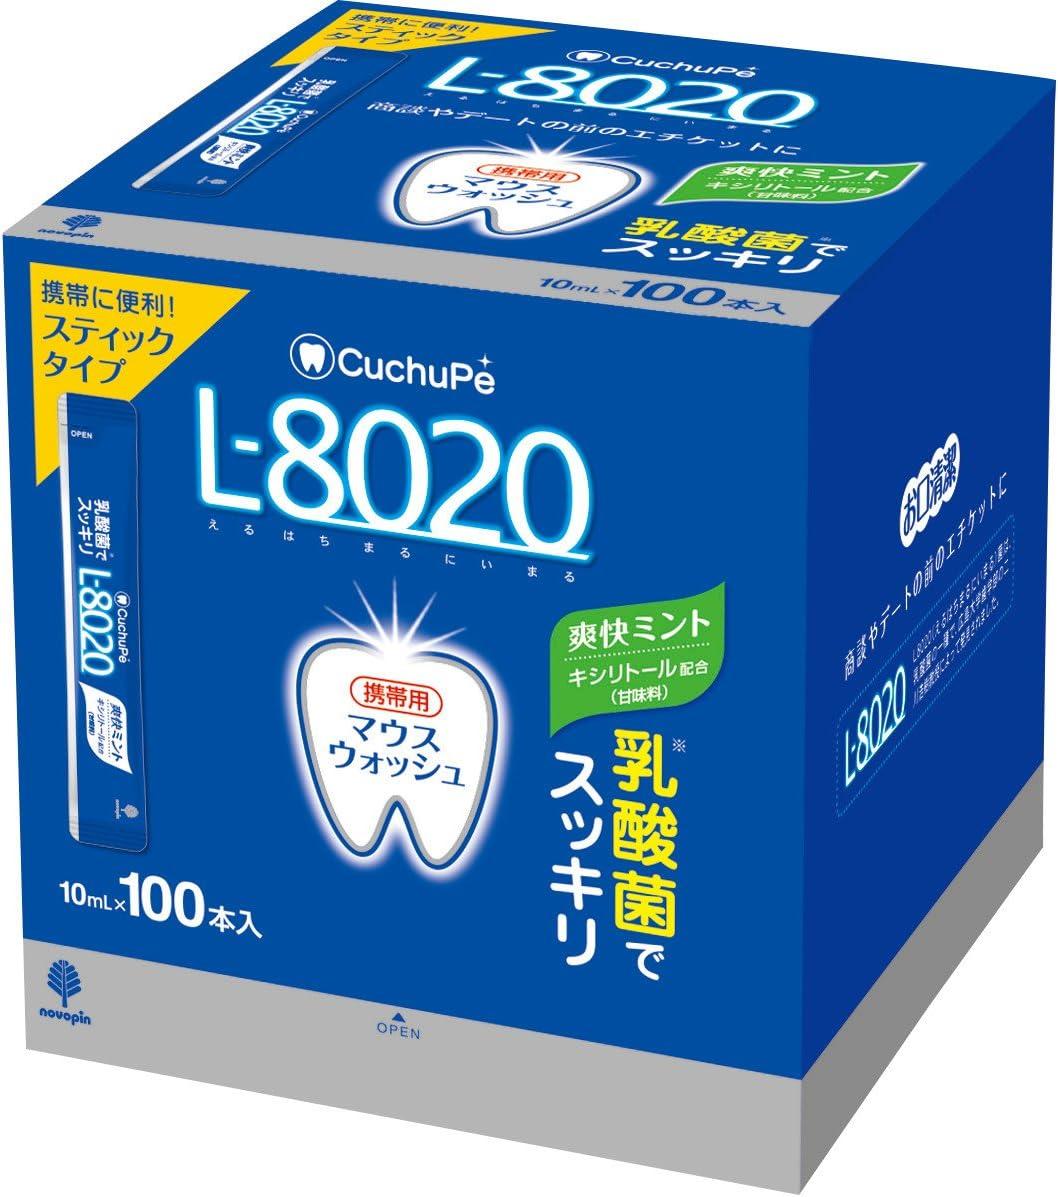 クチュッペ L-8020 マウスウォッシュ